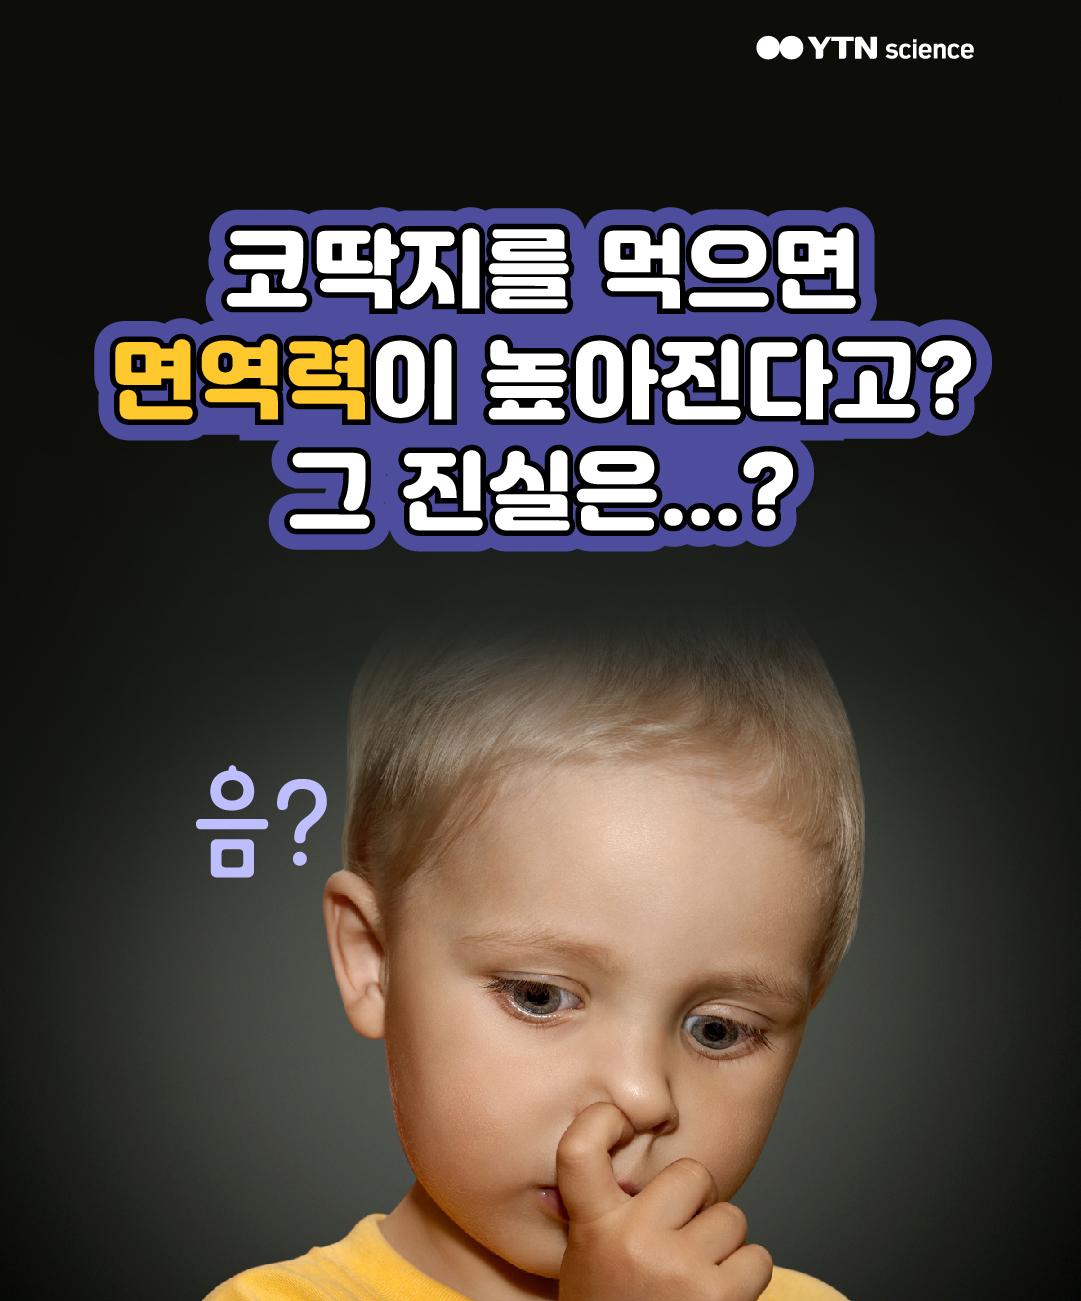 코딱지를 먹으면 면역력이 높아진다고? 그 진실은...? 이미지